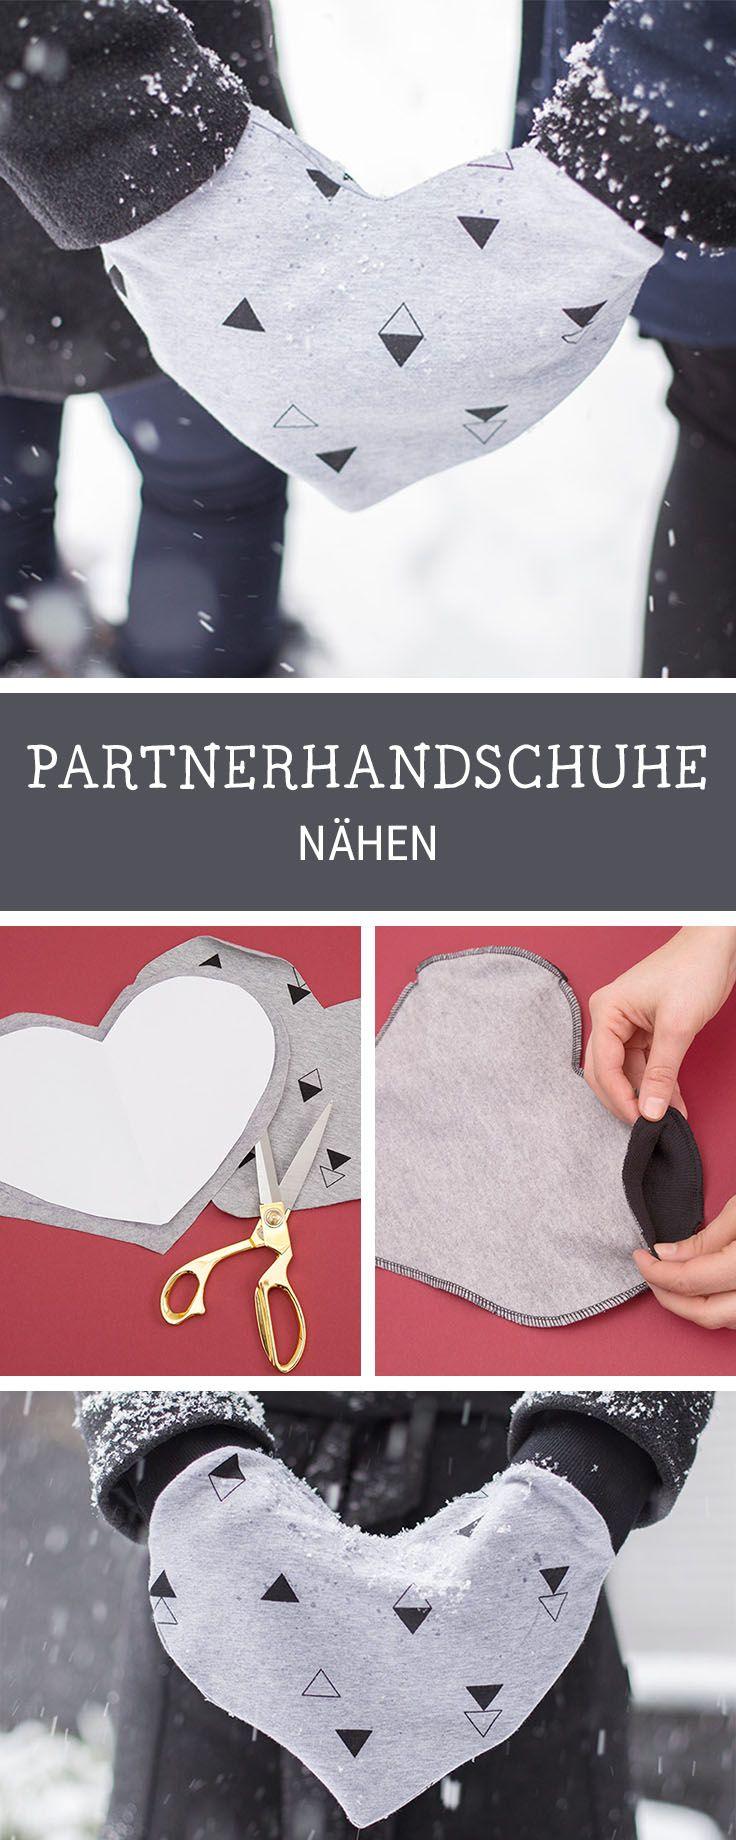 DIY-Anleitung: Partnerhandschuh in Herzform nähen via DaWanda.com ...